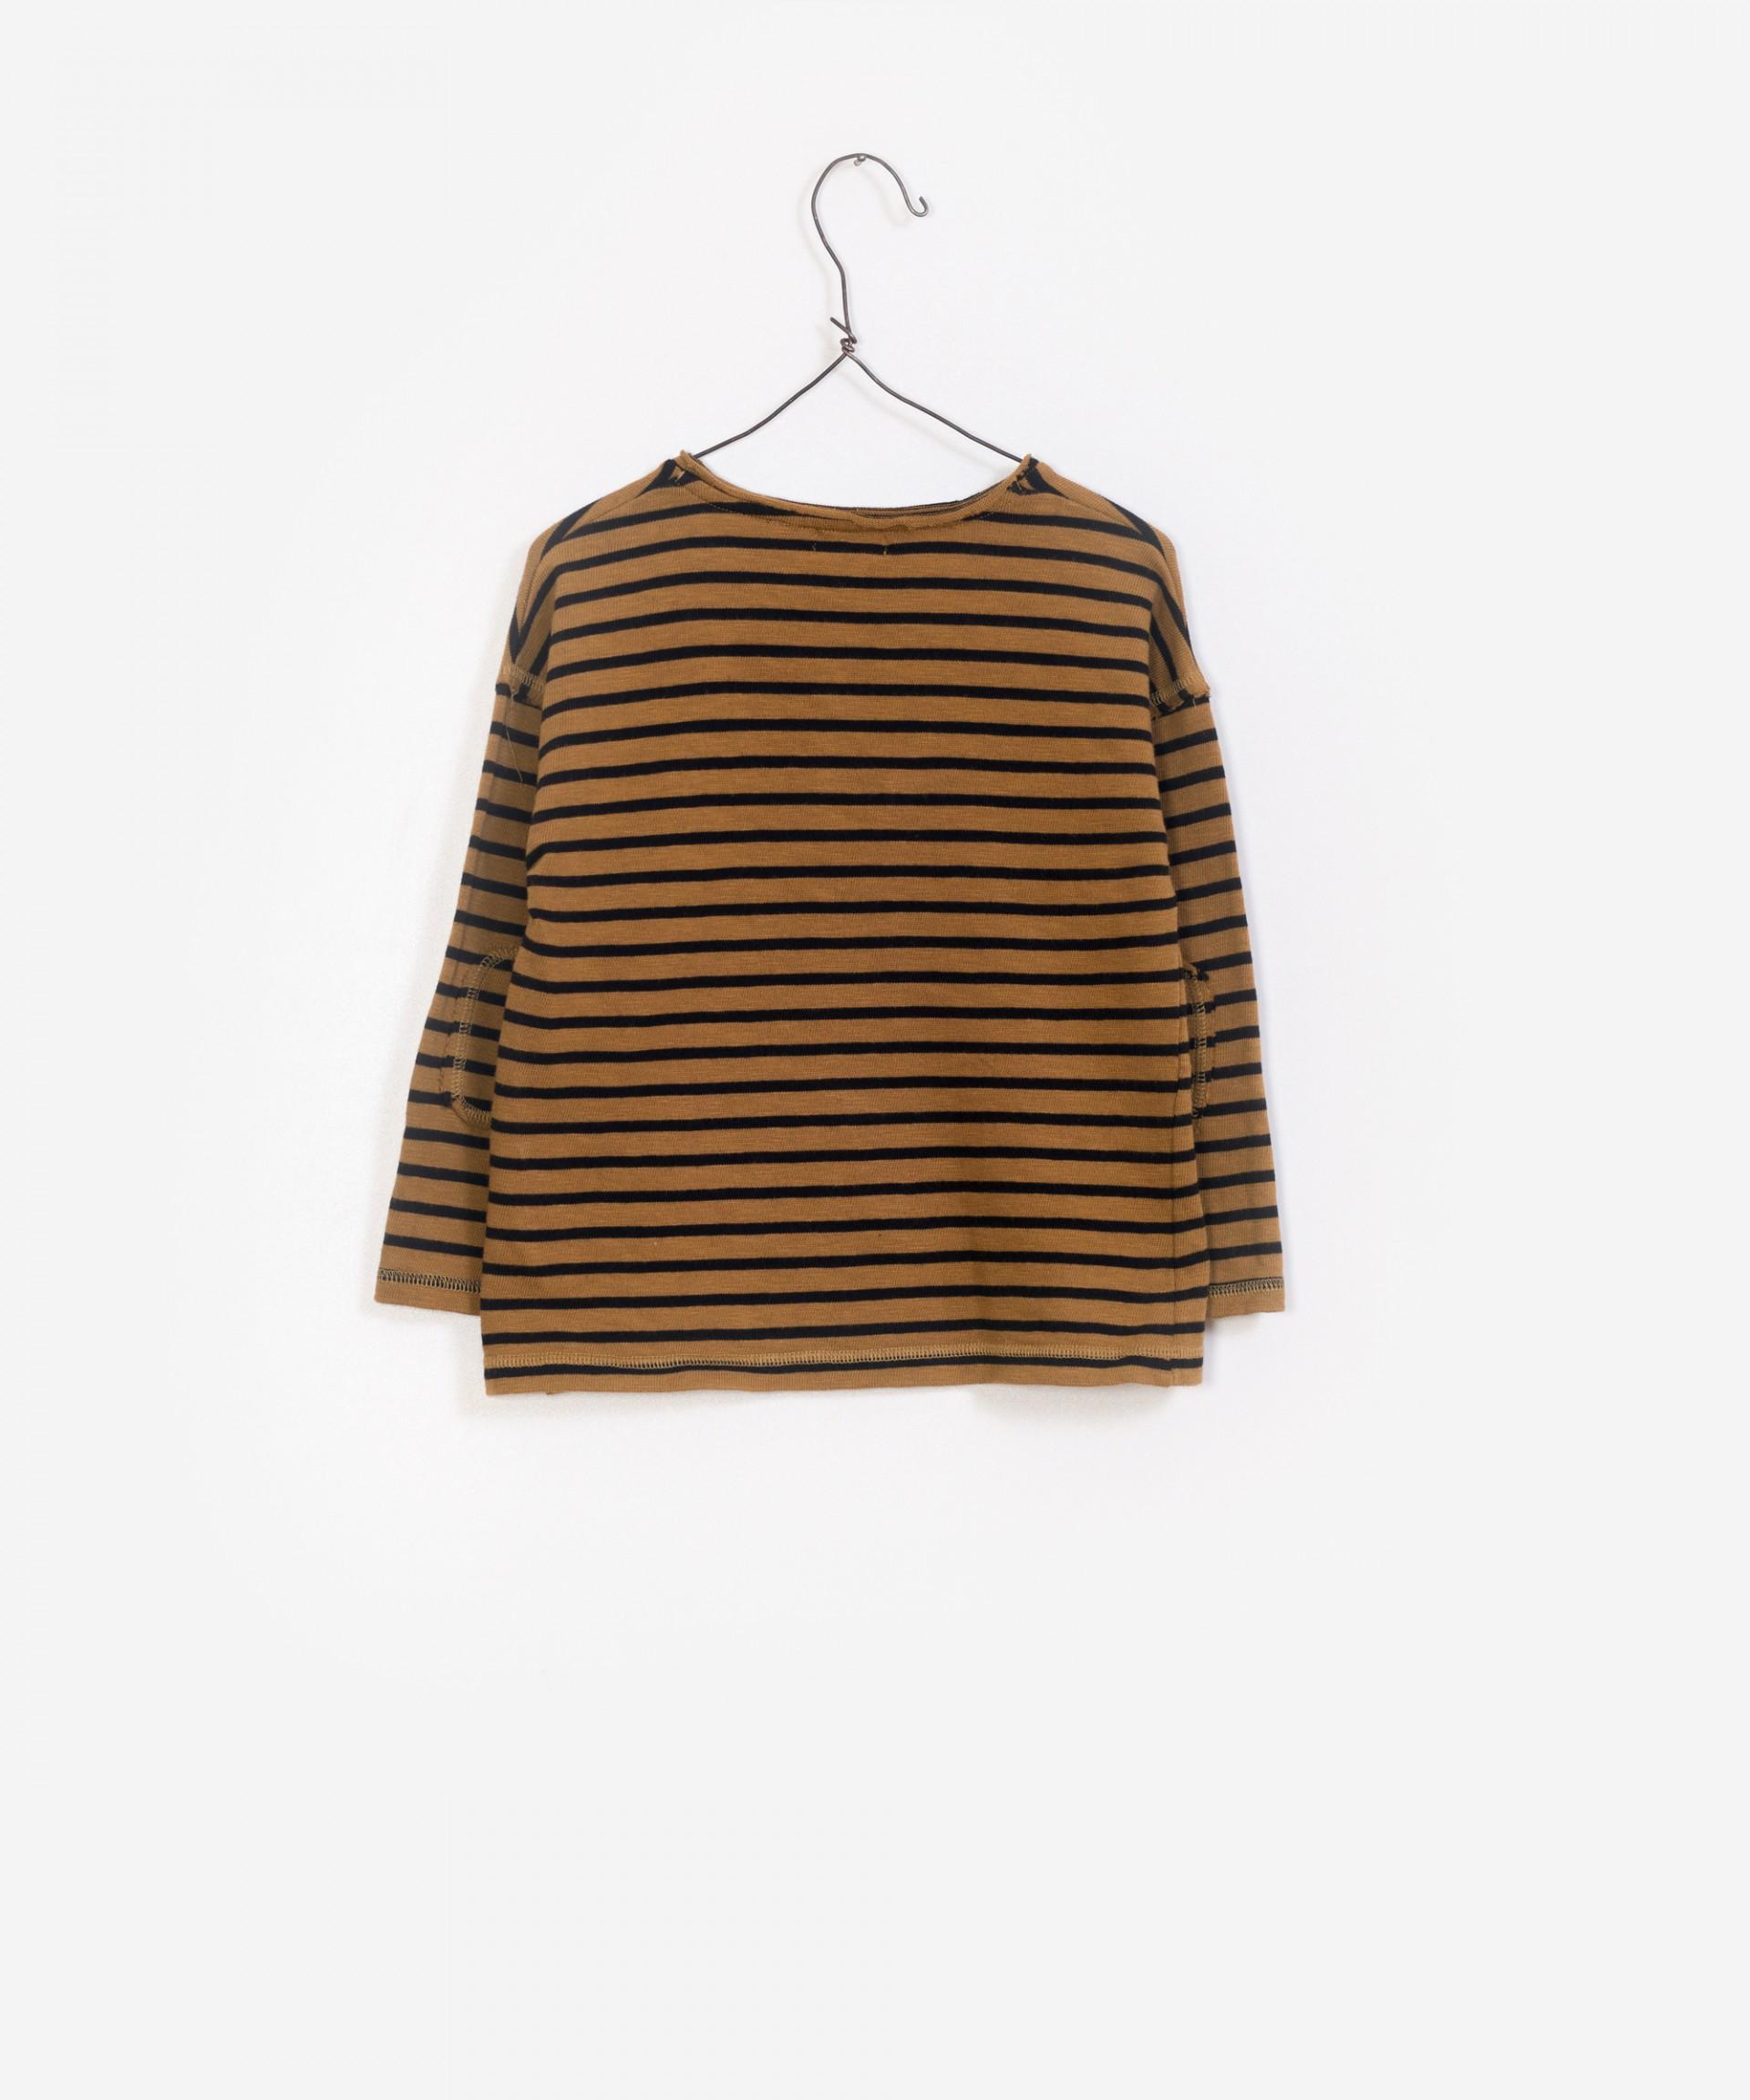 T-Shirt franzido, 100% algodão orgânico